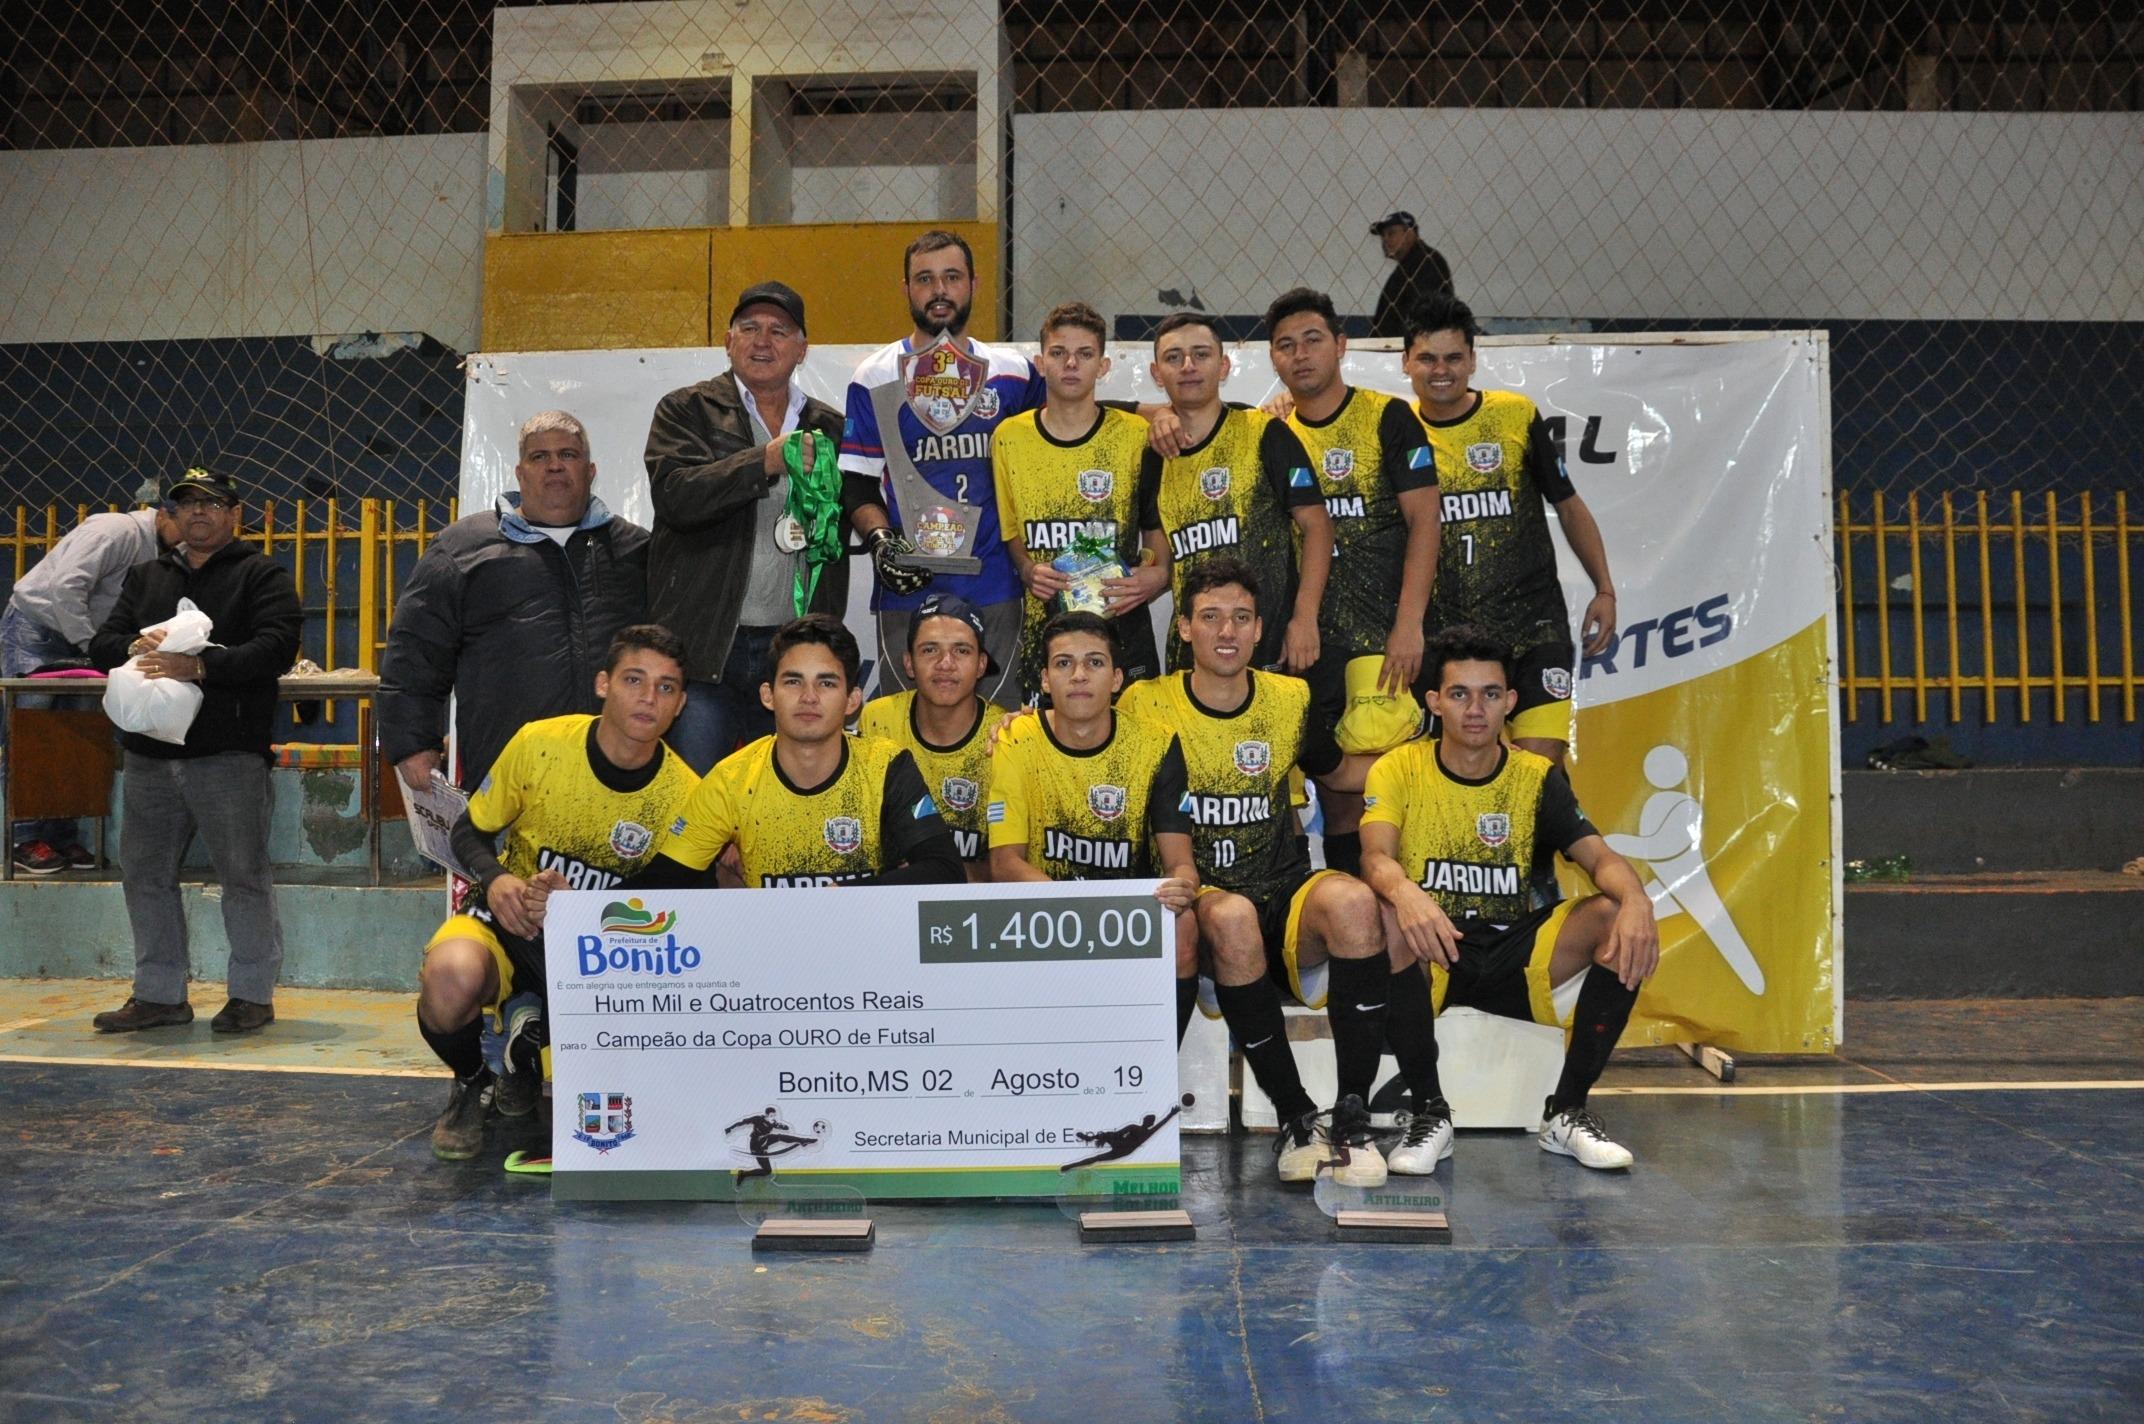 Equipe de Jardim, Campeões.